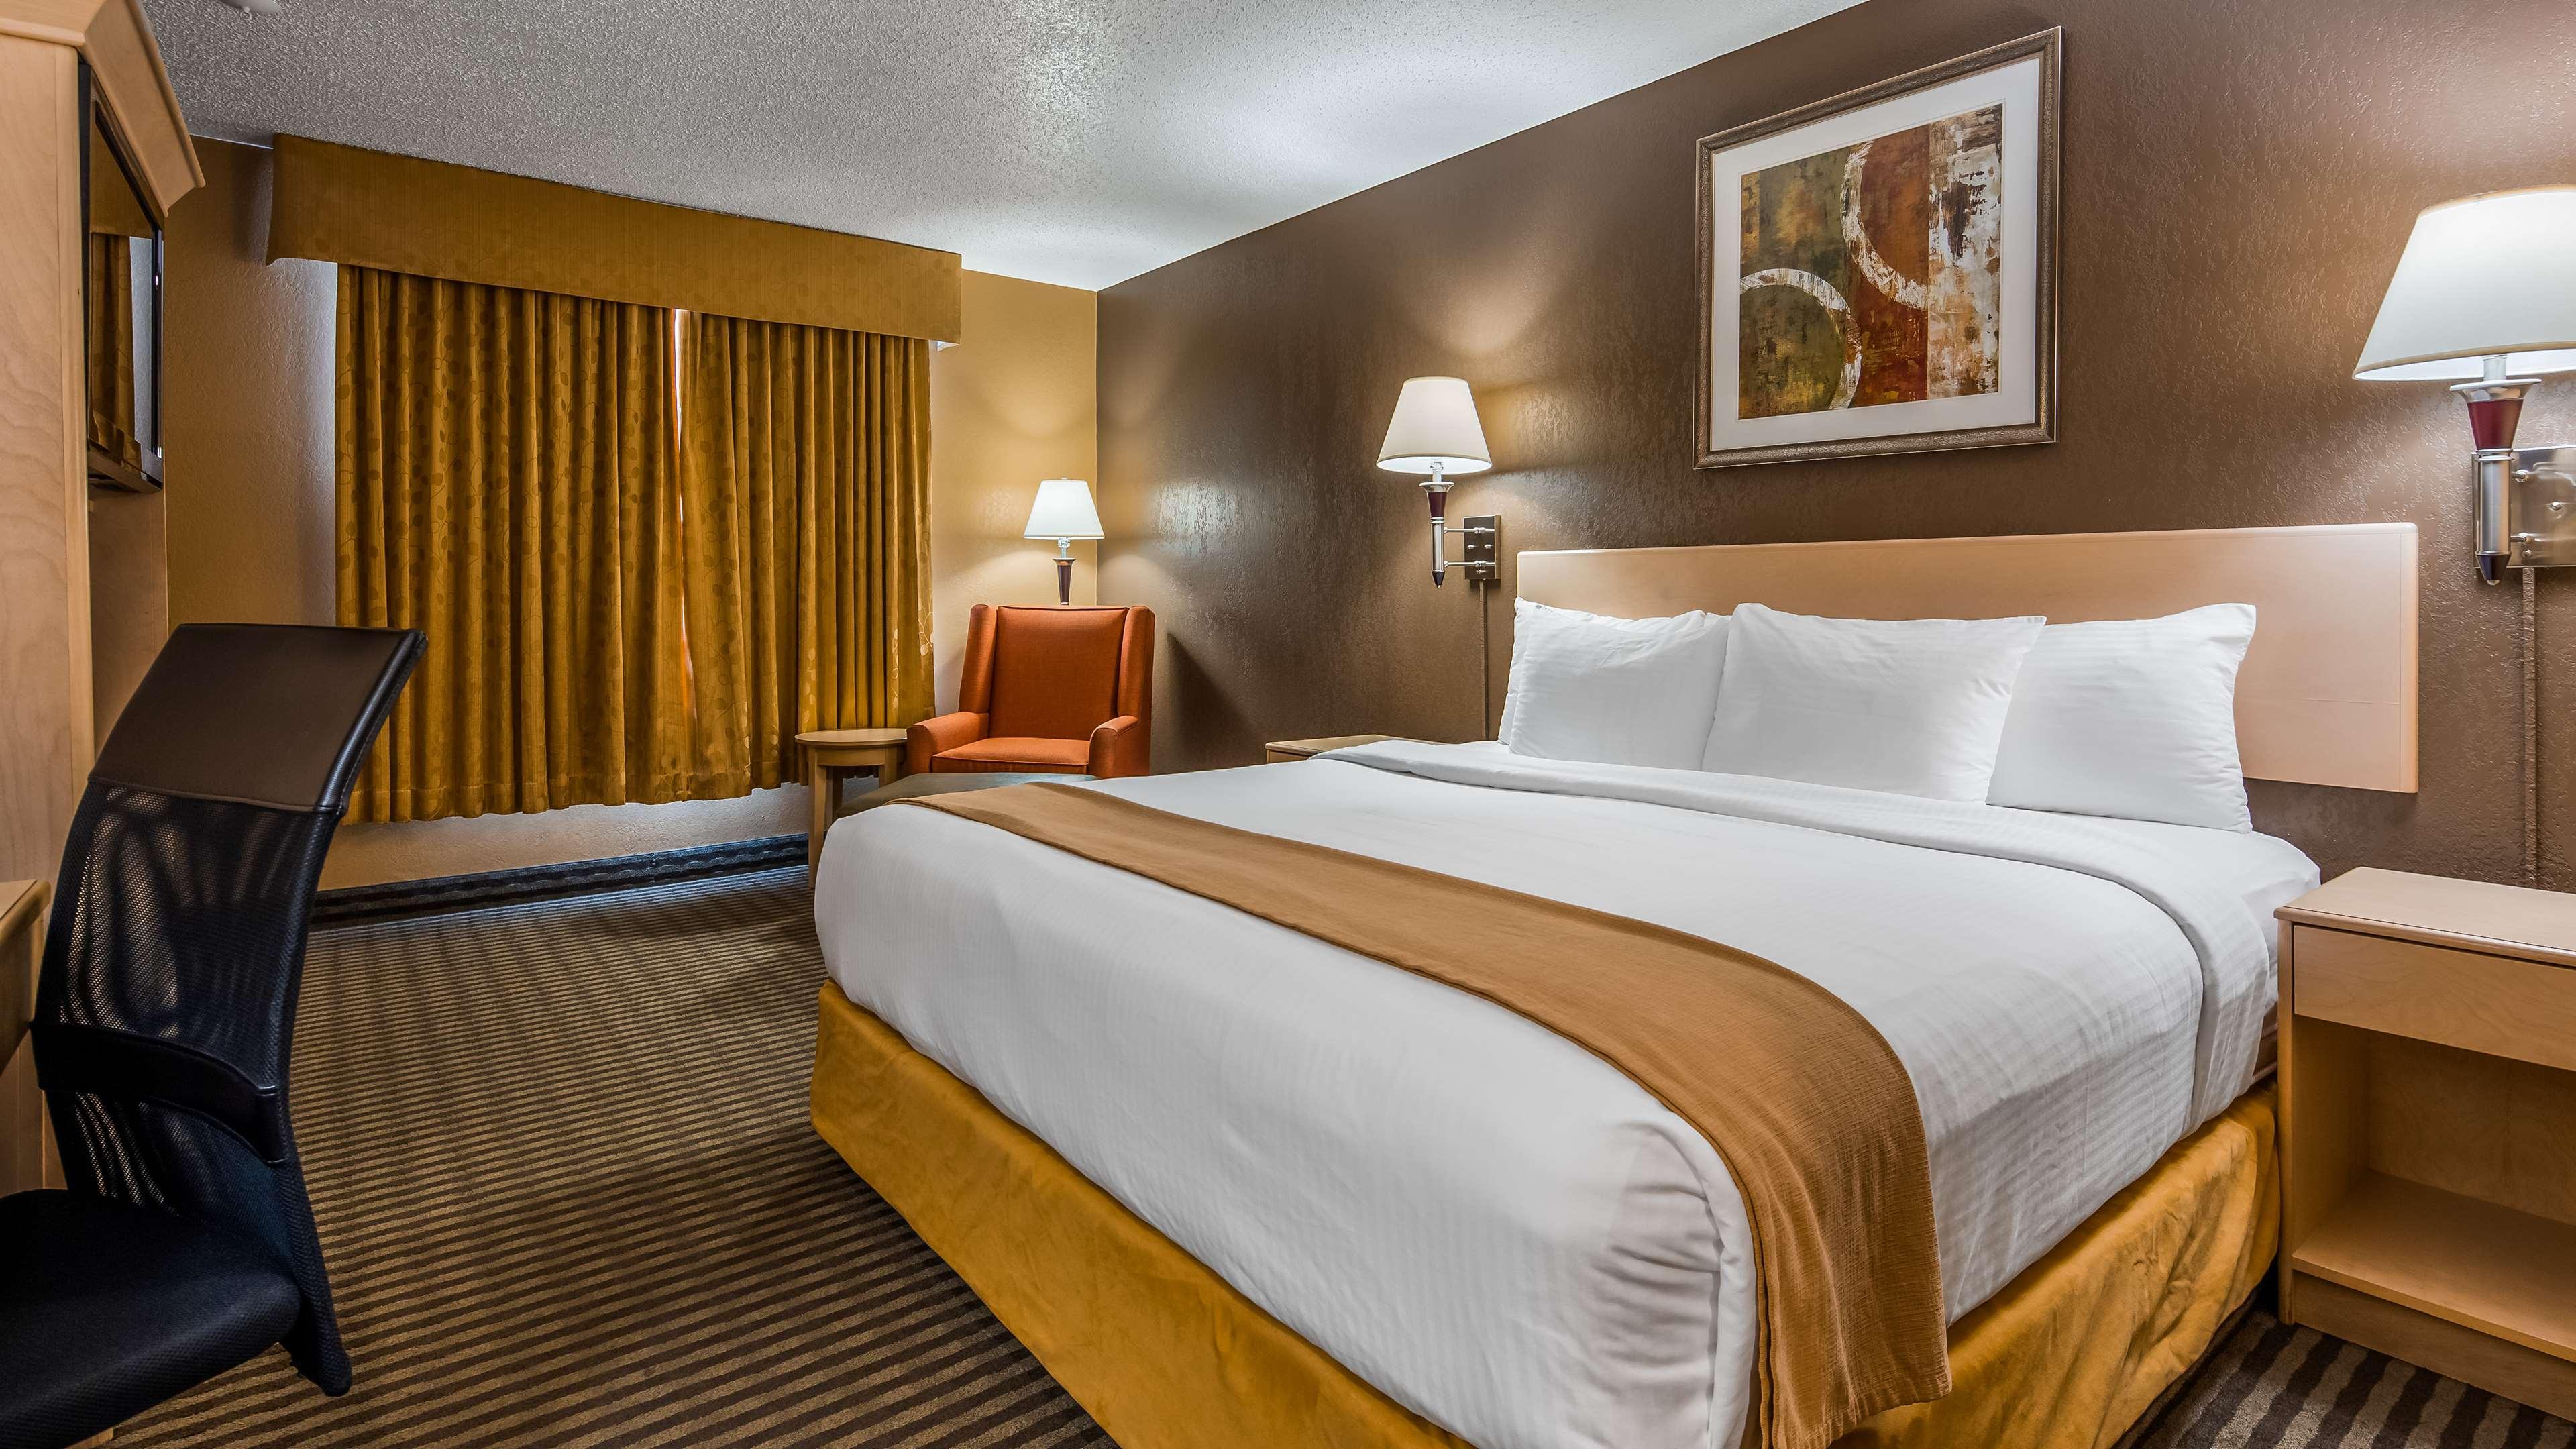 SureStay Plus Hotel by Best Western Seven Oaks in Regina: King